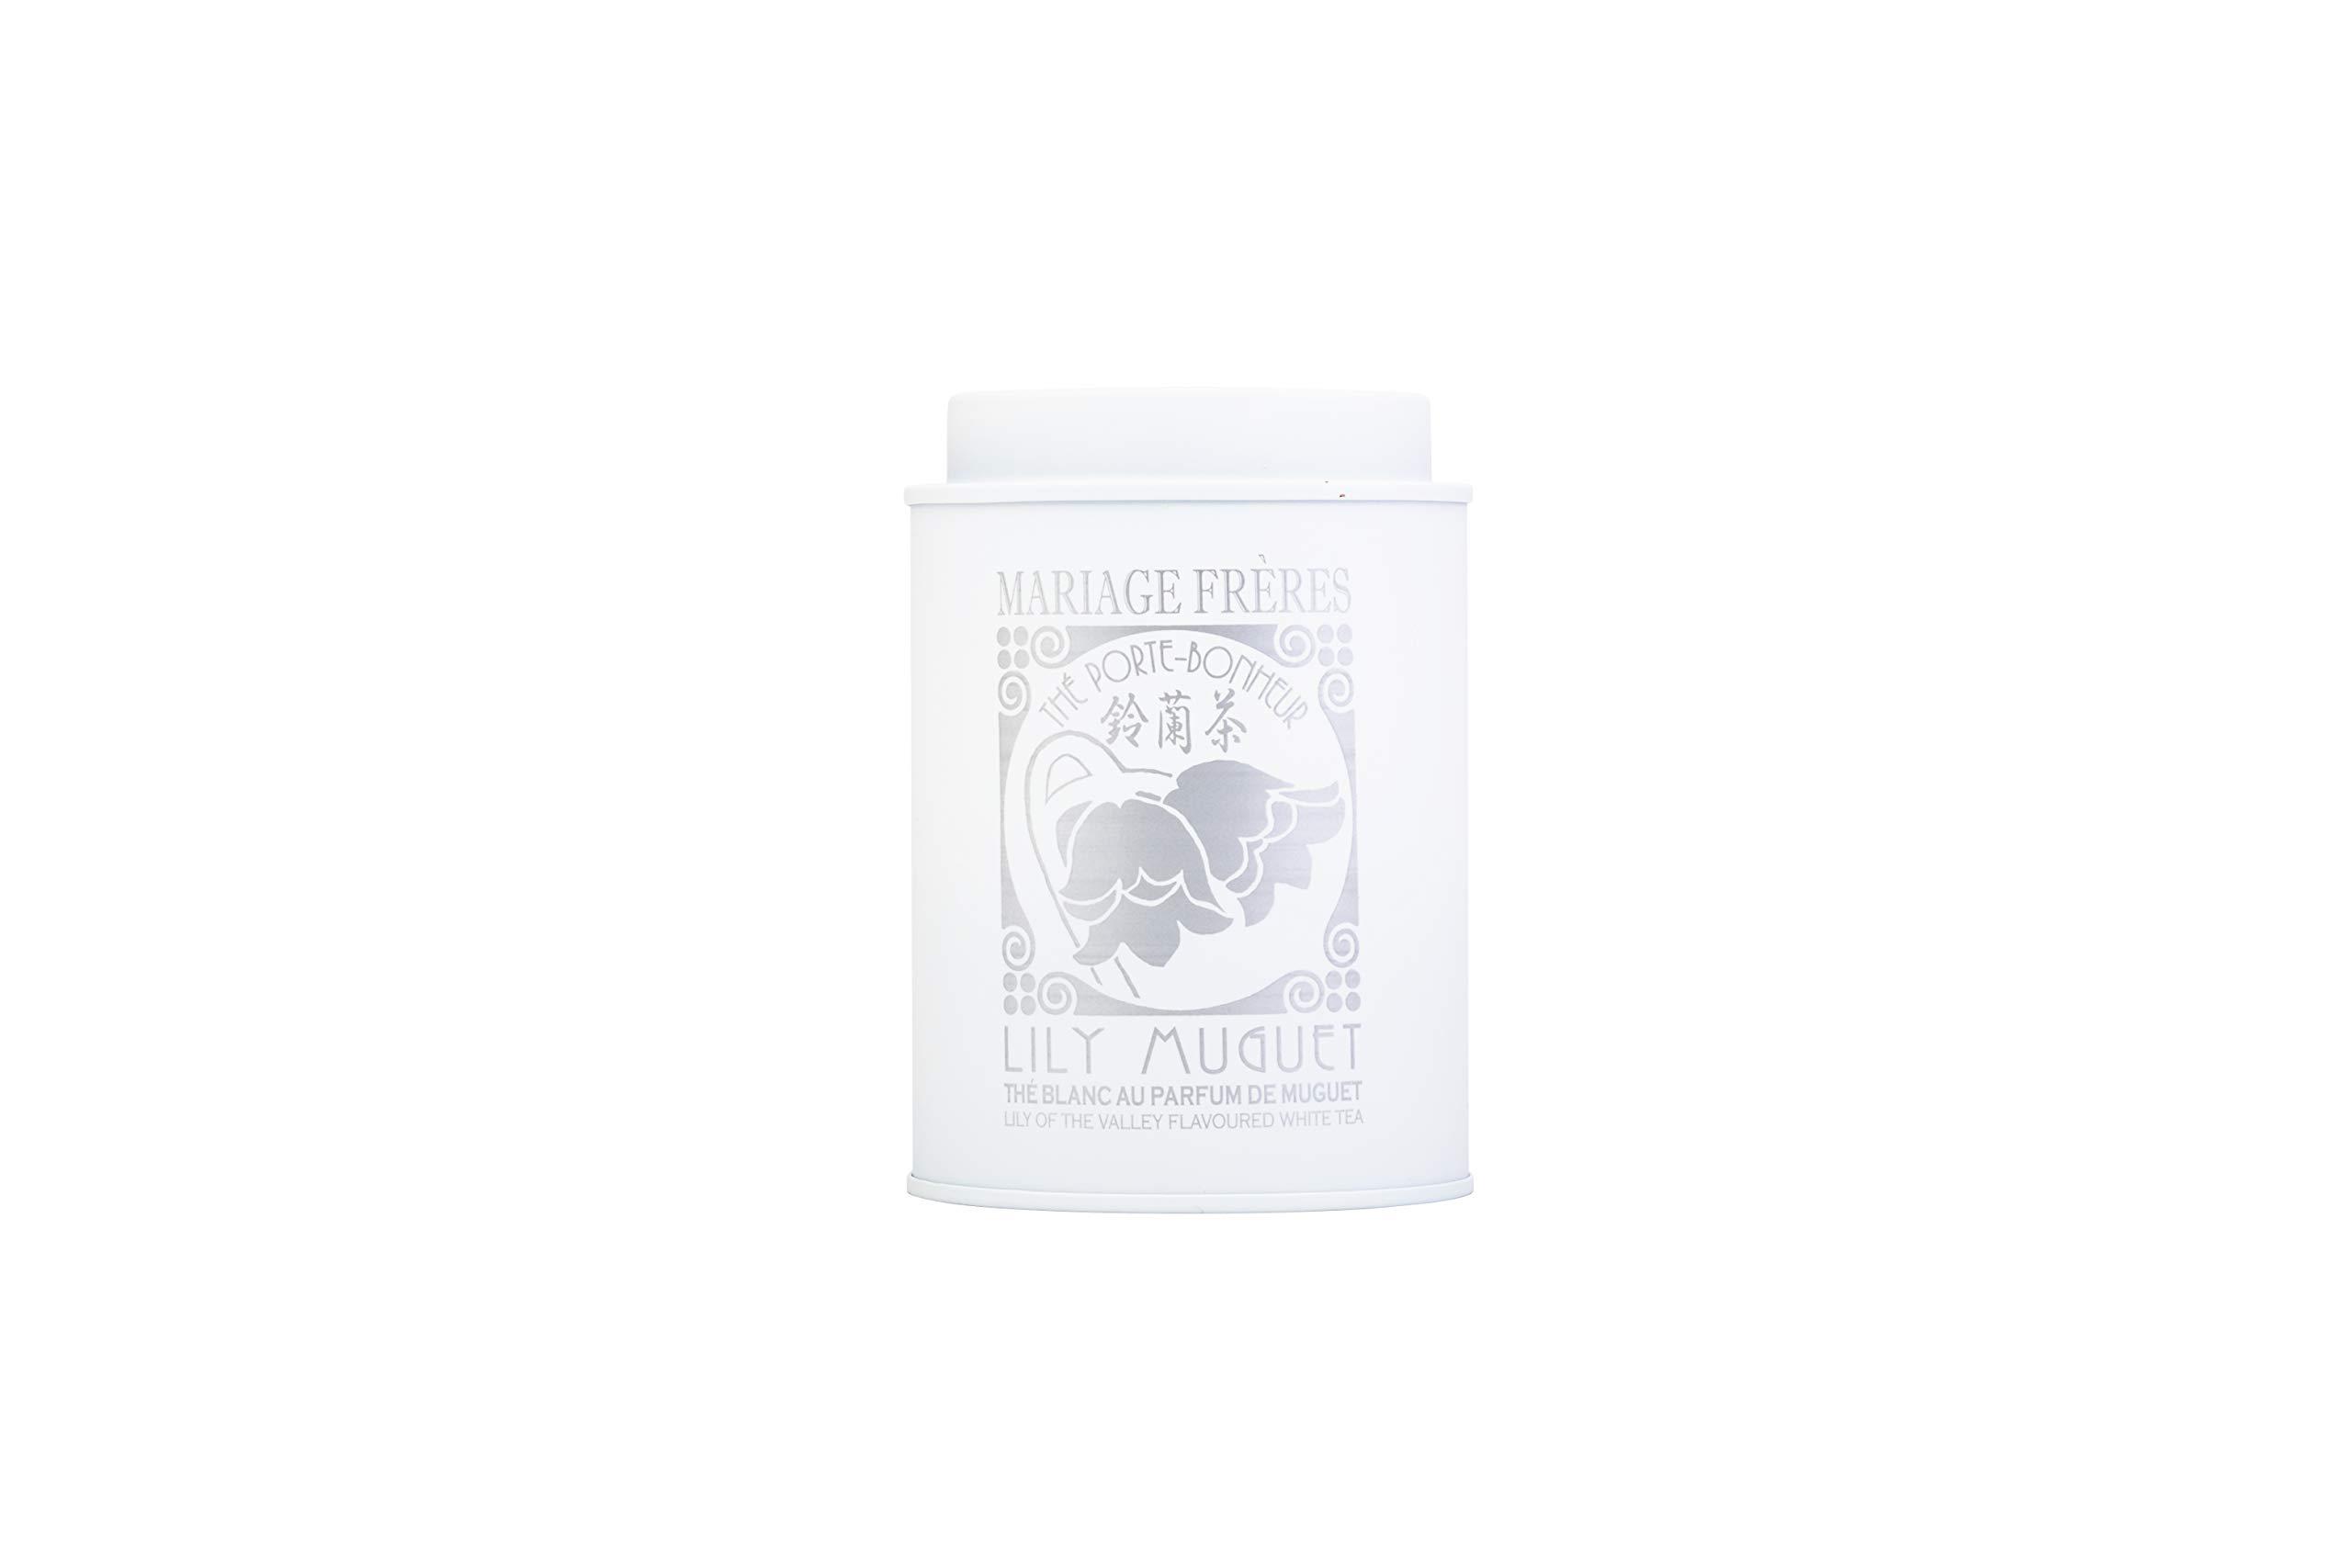 Mariage-Frres-Paris-Weisser-Tee-Lily-Muguet-Lily-of-the-valley-Weisstee-mit-Maiglckchen-Aroma-lose-Teebltter-in-Dose-100-g